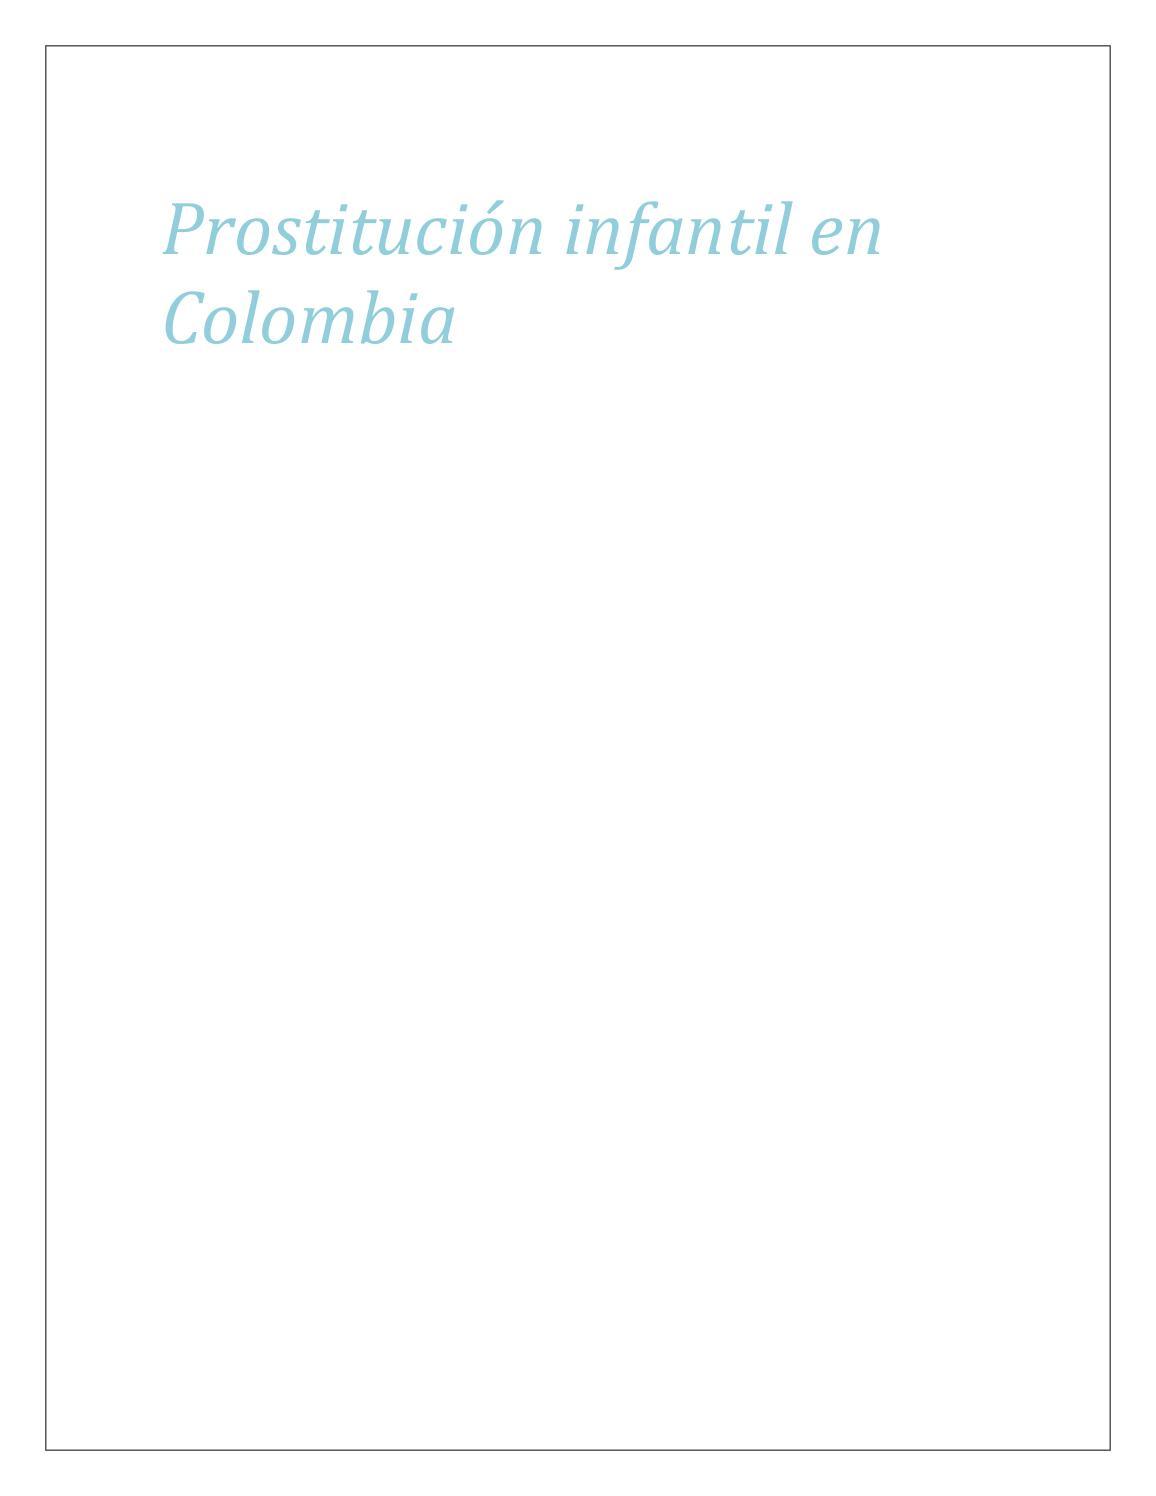 prostitución en colombia pinturas prostitutas